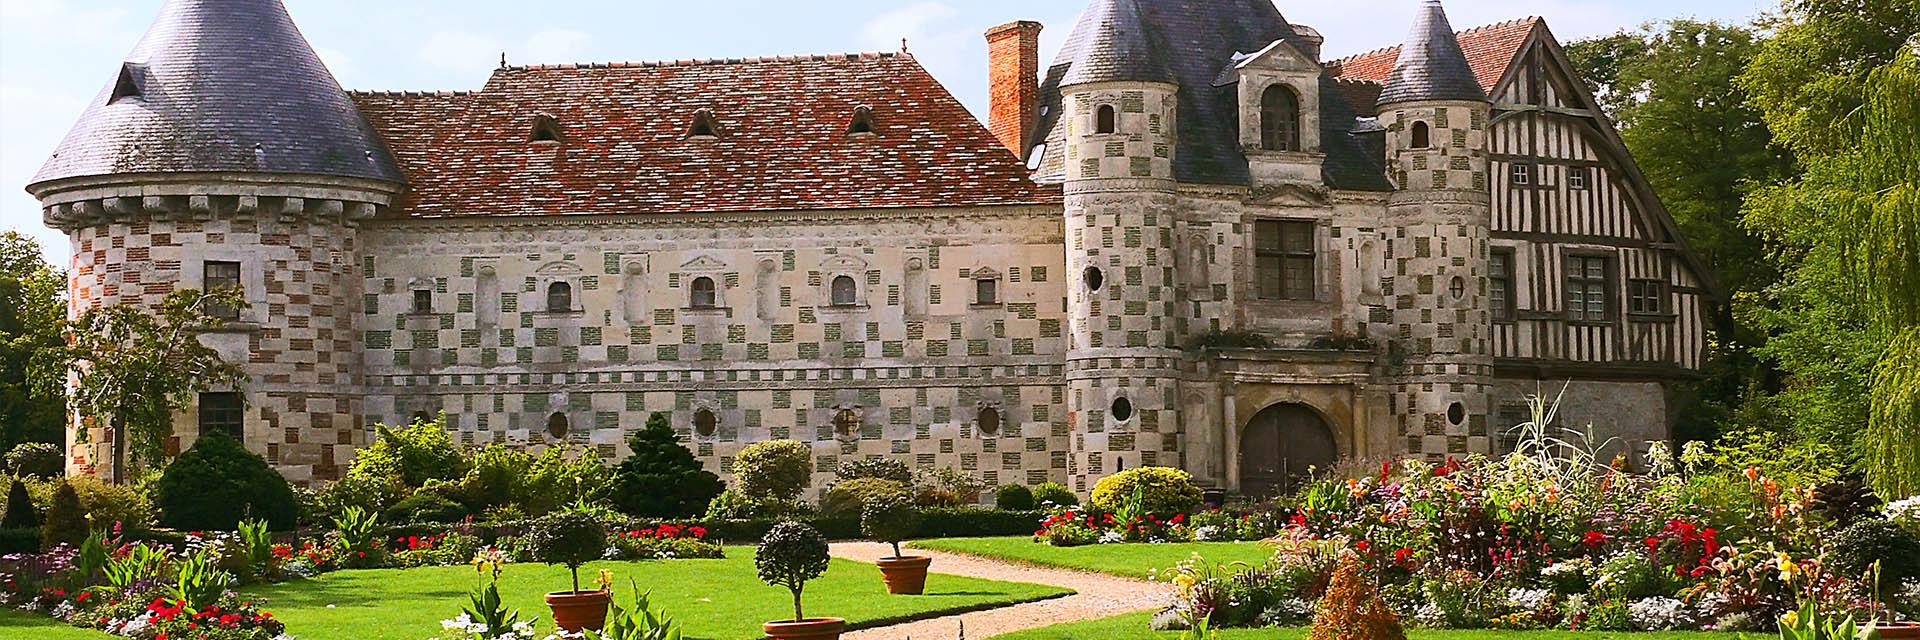 Village_club_vacances_normandie-et-cote-dopale-bon-séjour-charme-du-pays-auge